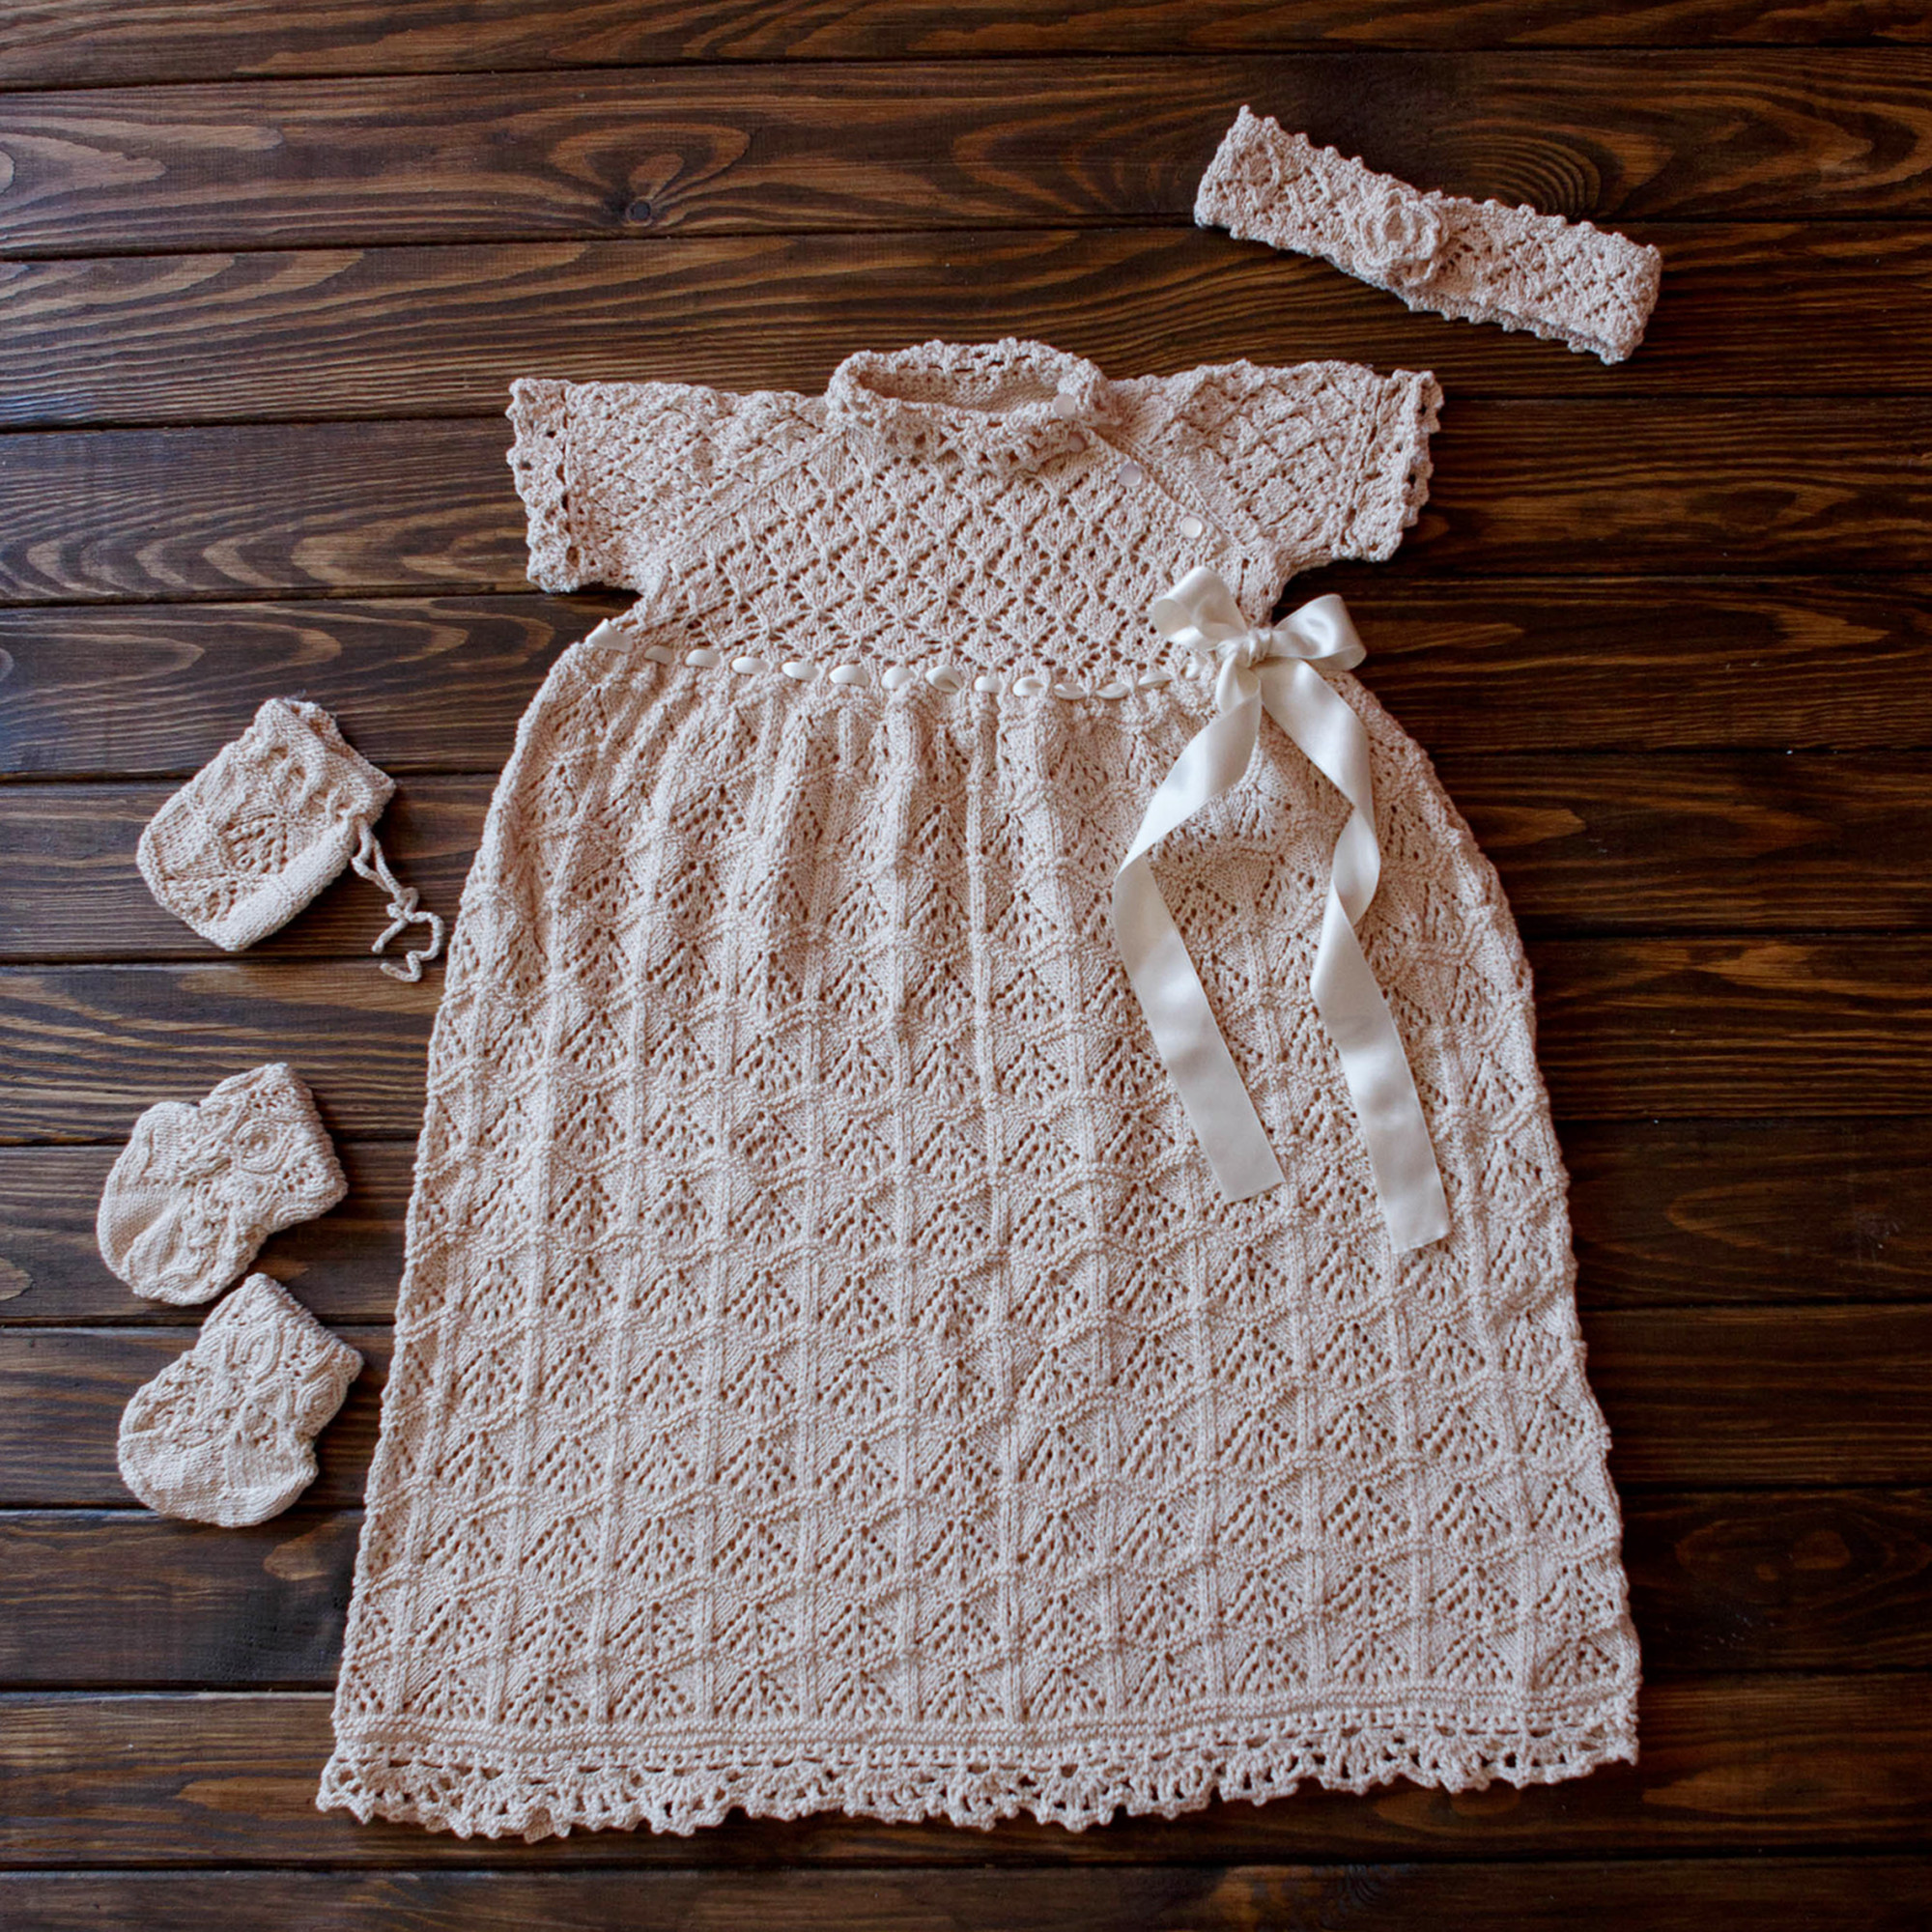 Girls Outfit Party Celebration Wear Vintage Knit Dress 3-6